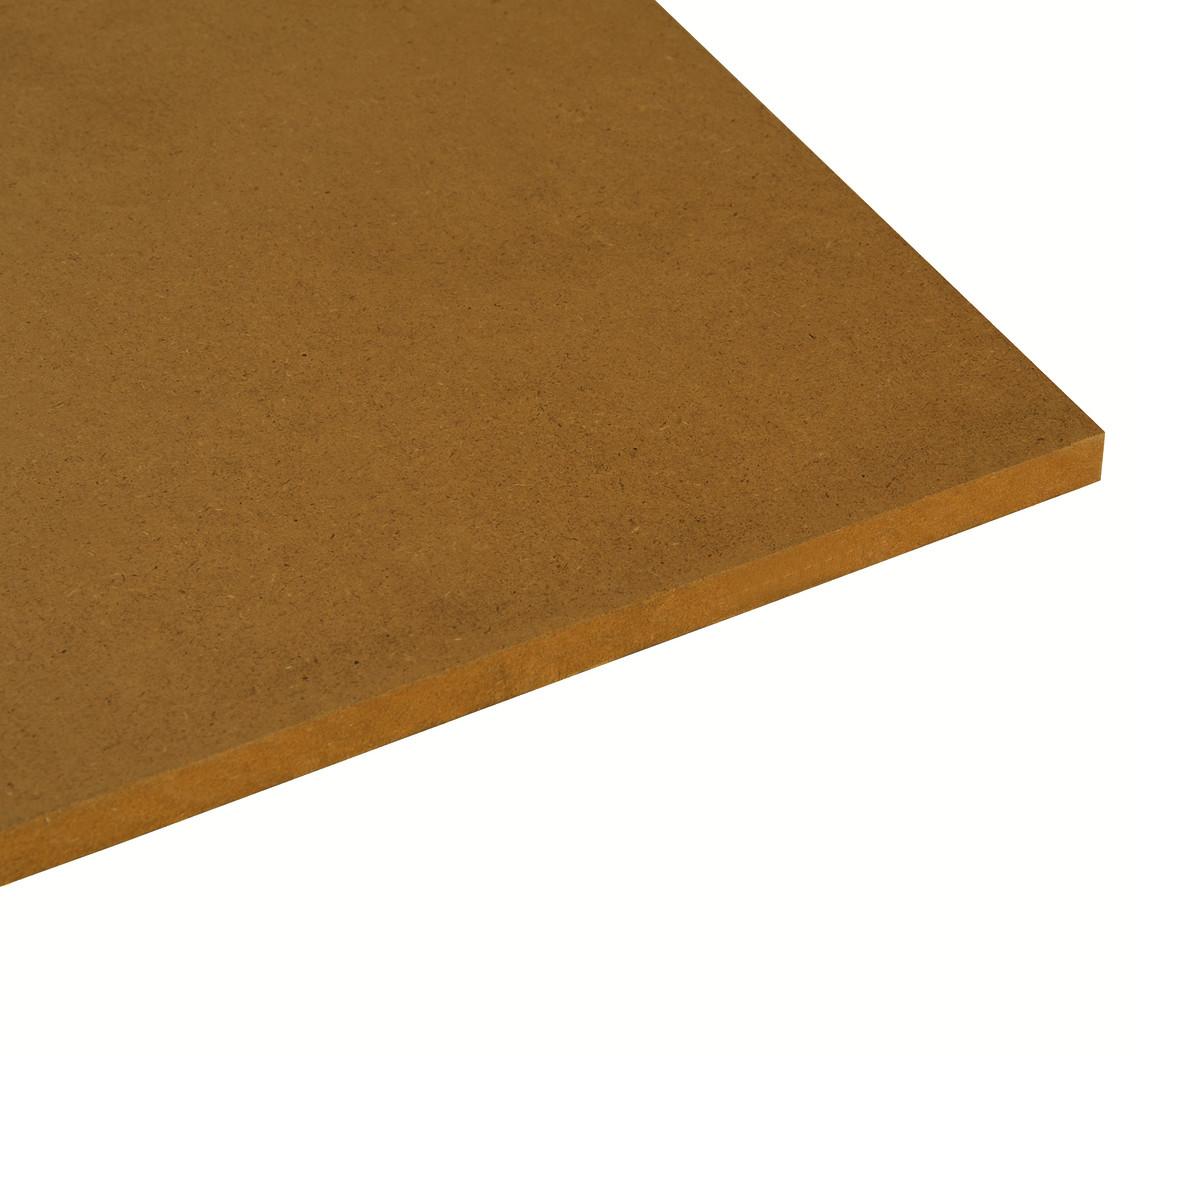 Pittura pareti color avorio for Pannelli polistirolo per soffitti leroy merlin